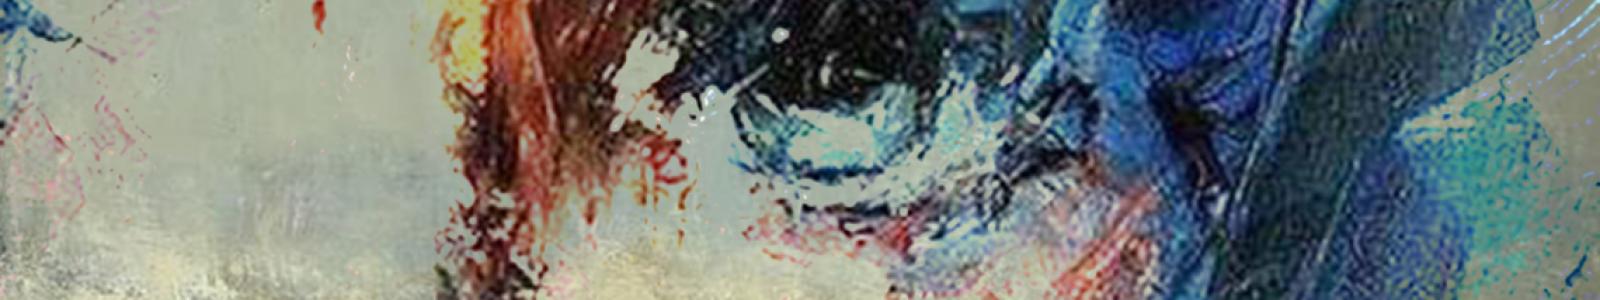 Gallery ArtBookLet